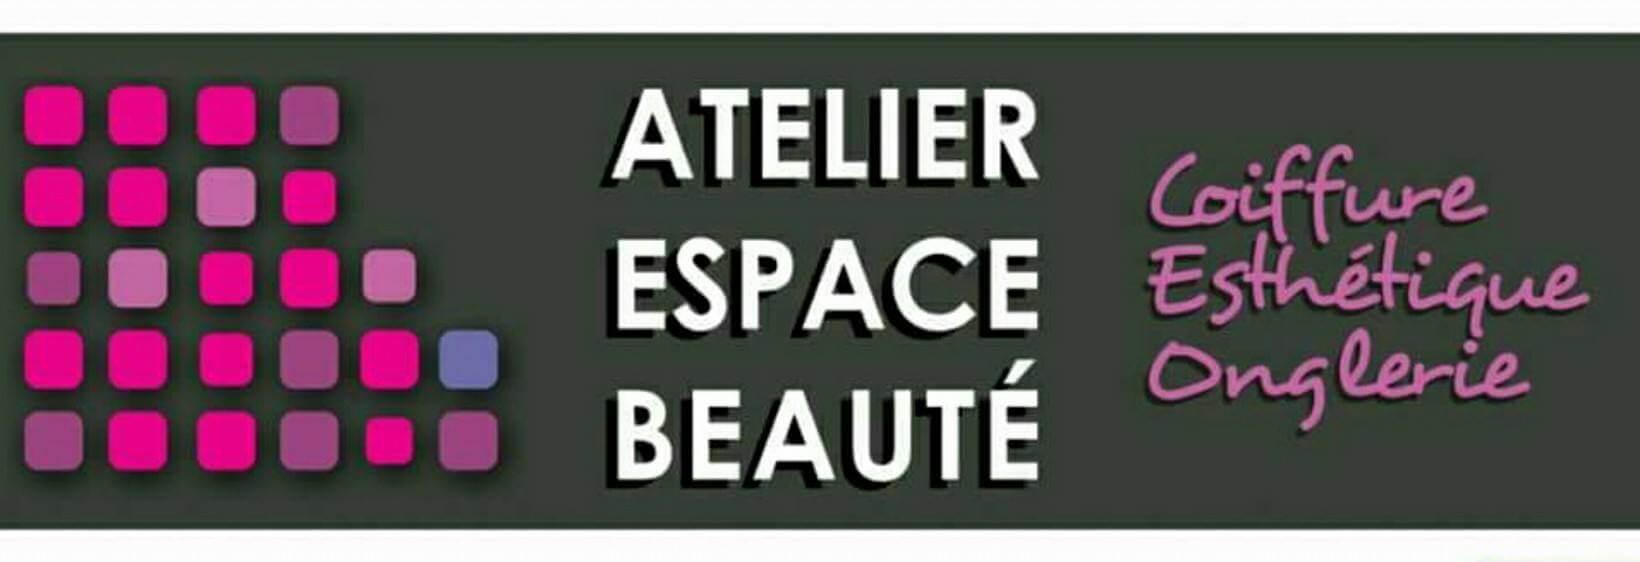 Atelier espace beaut salon de provence - Auberge de beaute et spa salon de provence ...